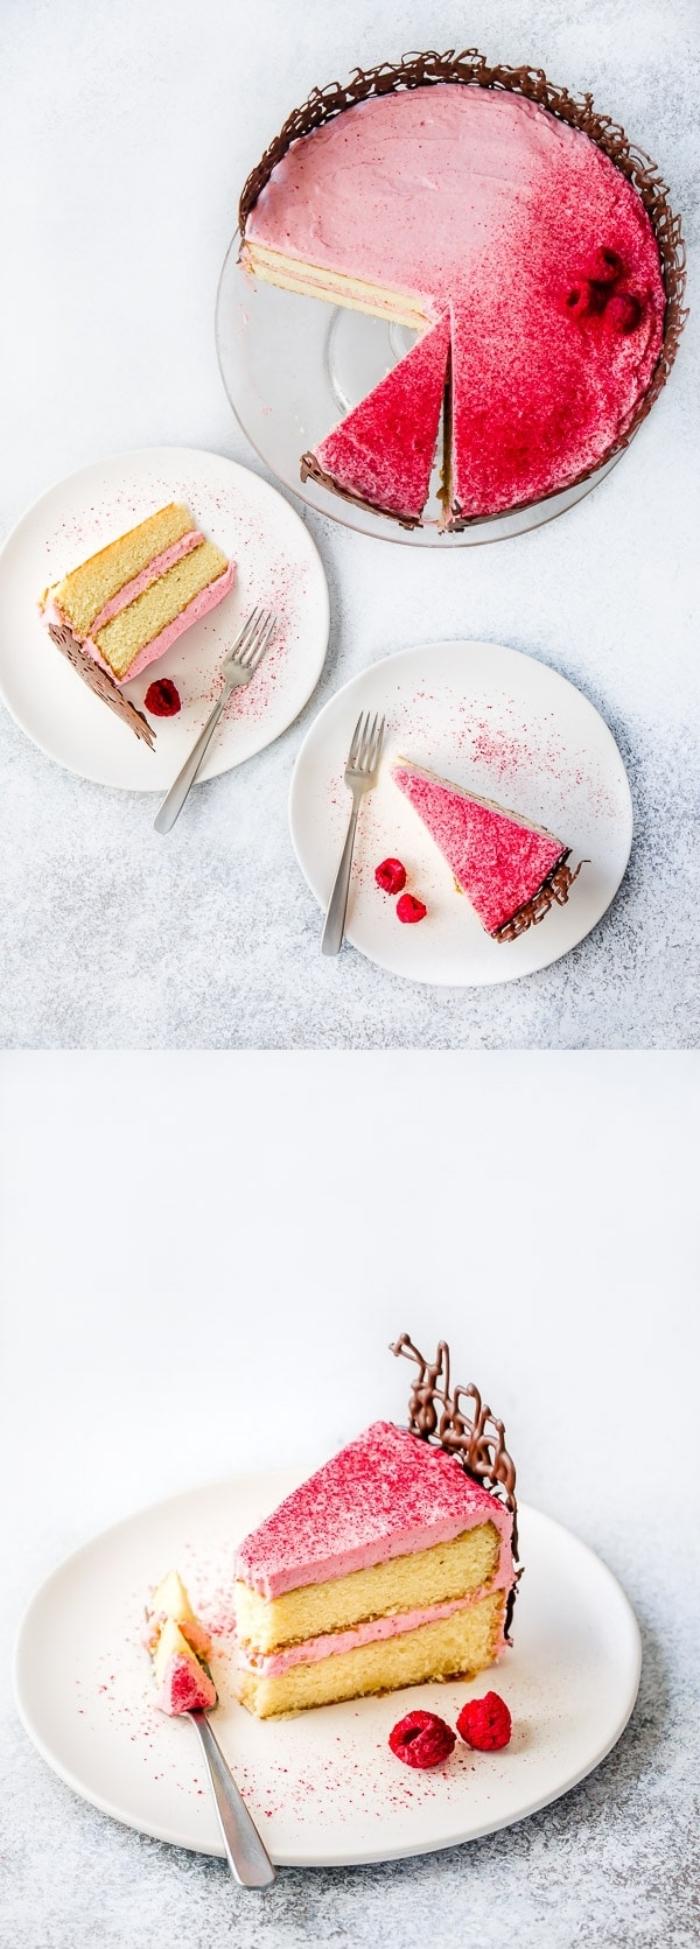 présentation originale d'un gâteau d'anniversaire vanille et framboise au glacage framboise, au déco dentelle de chocolat